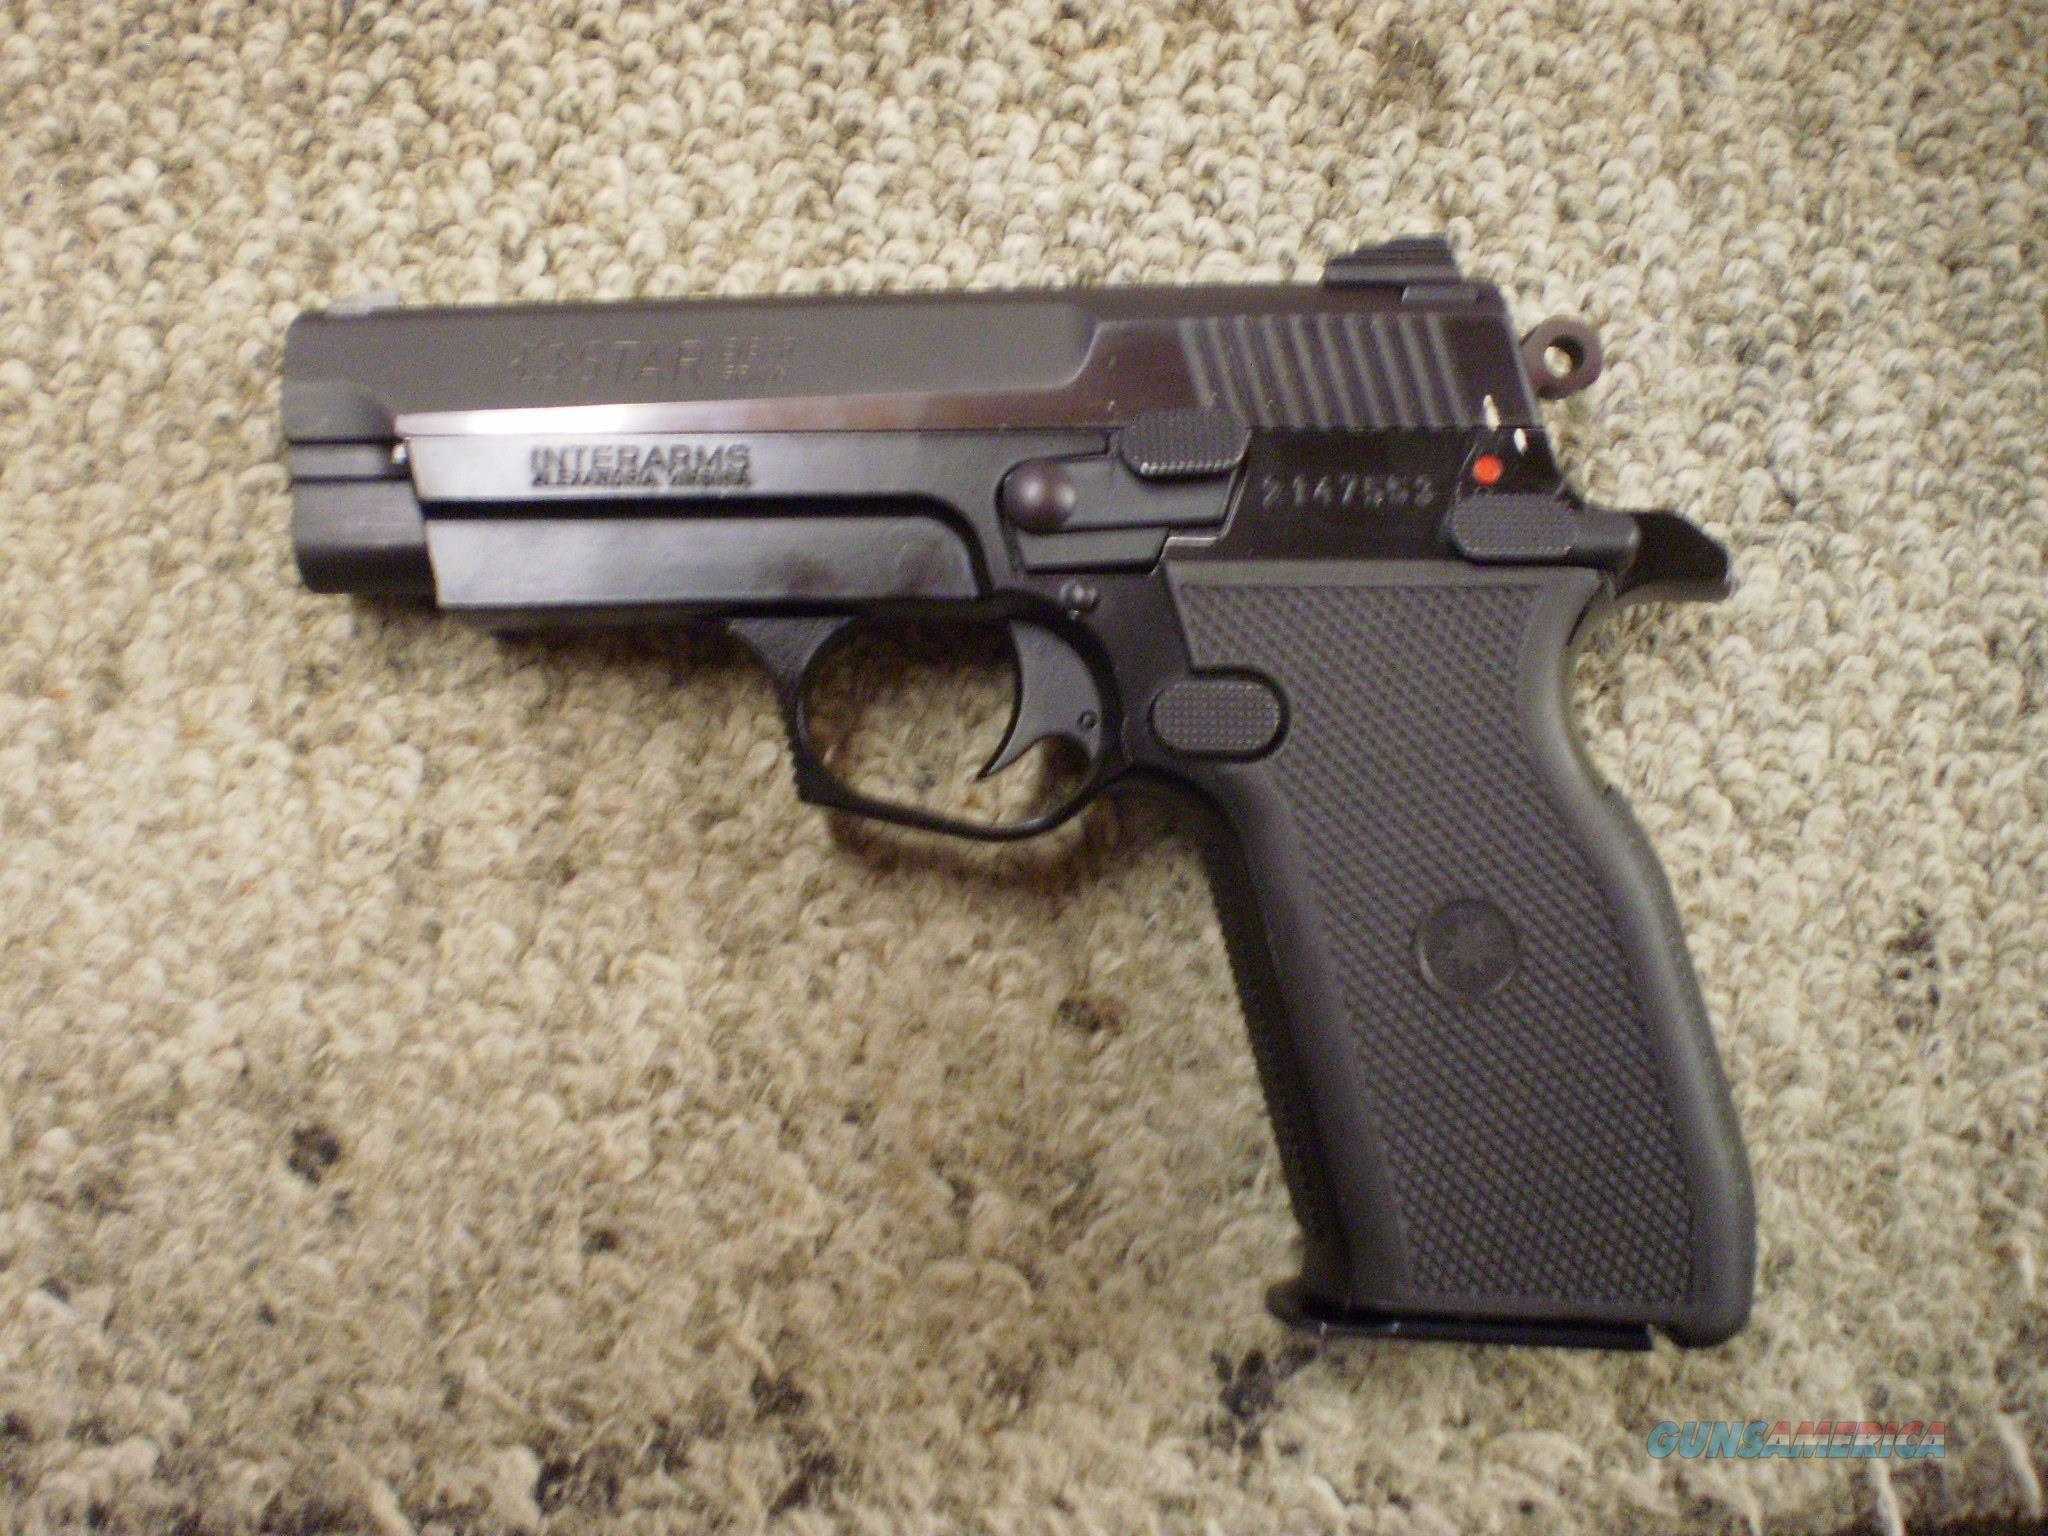 STAR FIRESTAR PLUS 9X19  Guns > Pistols > Interarms Pistols